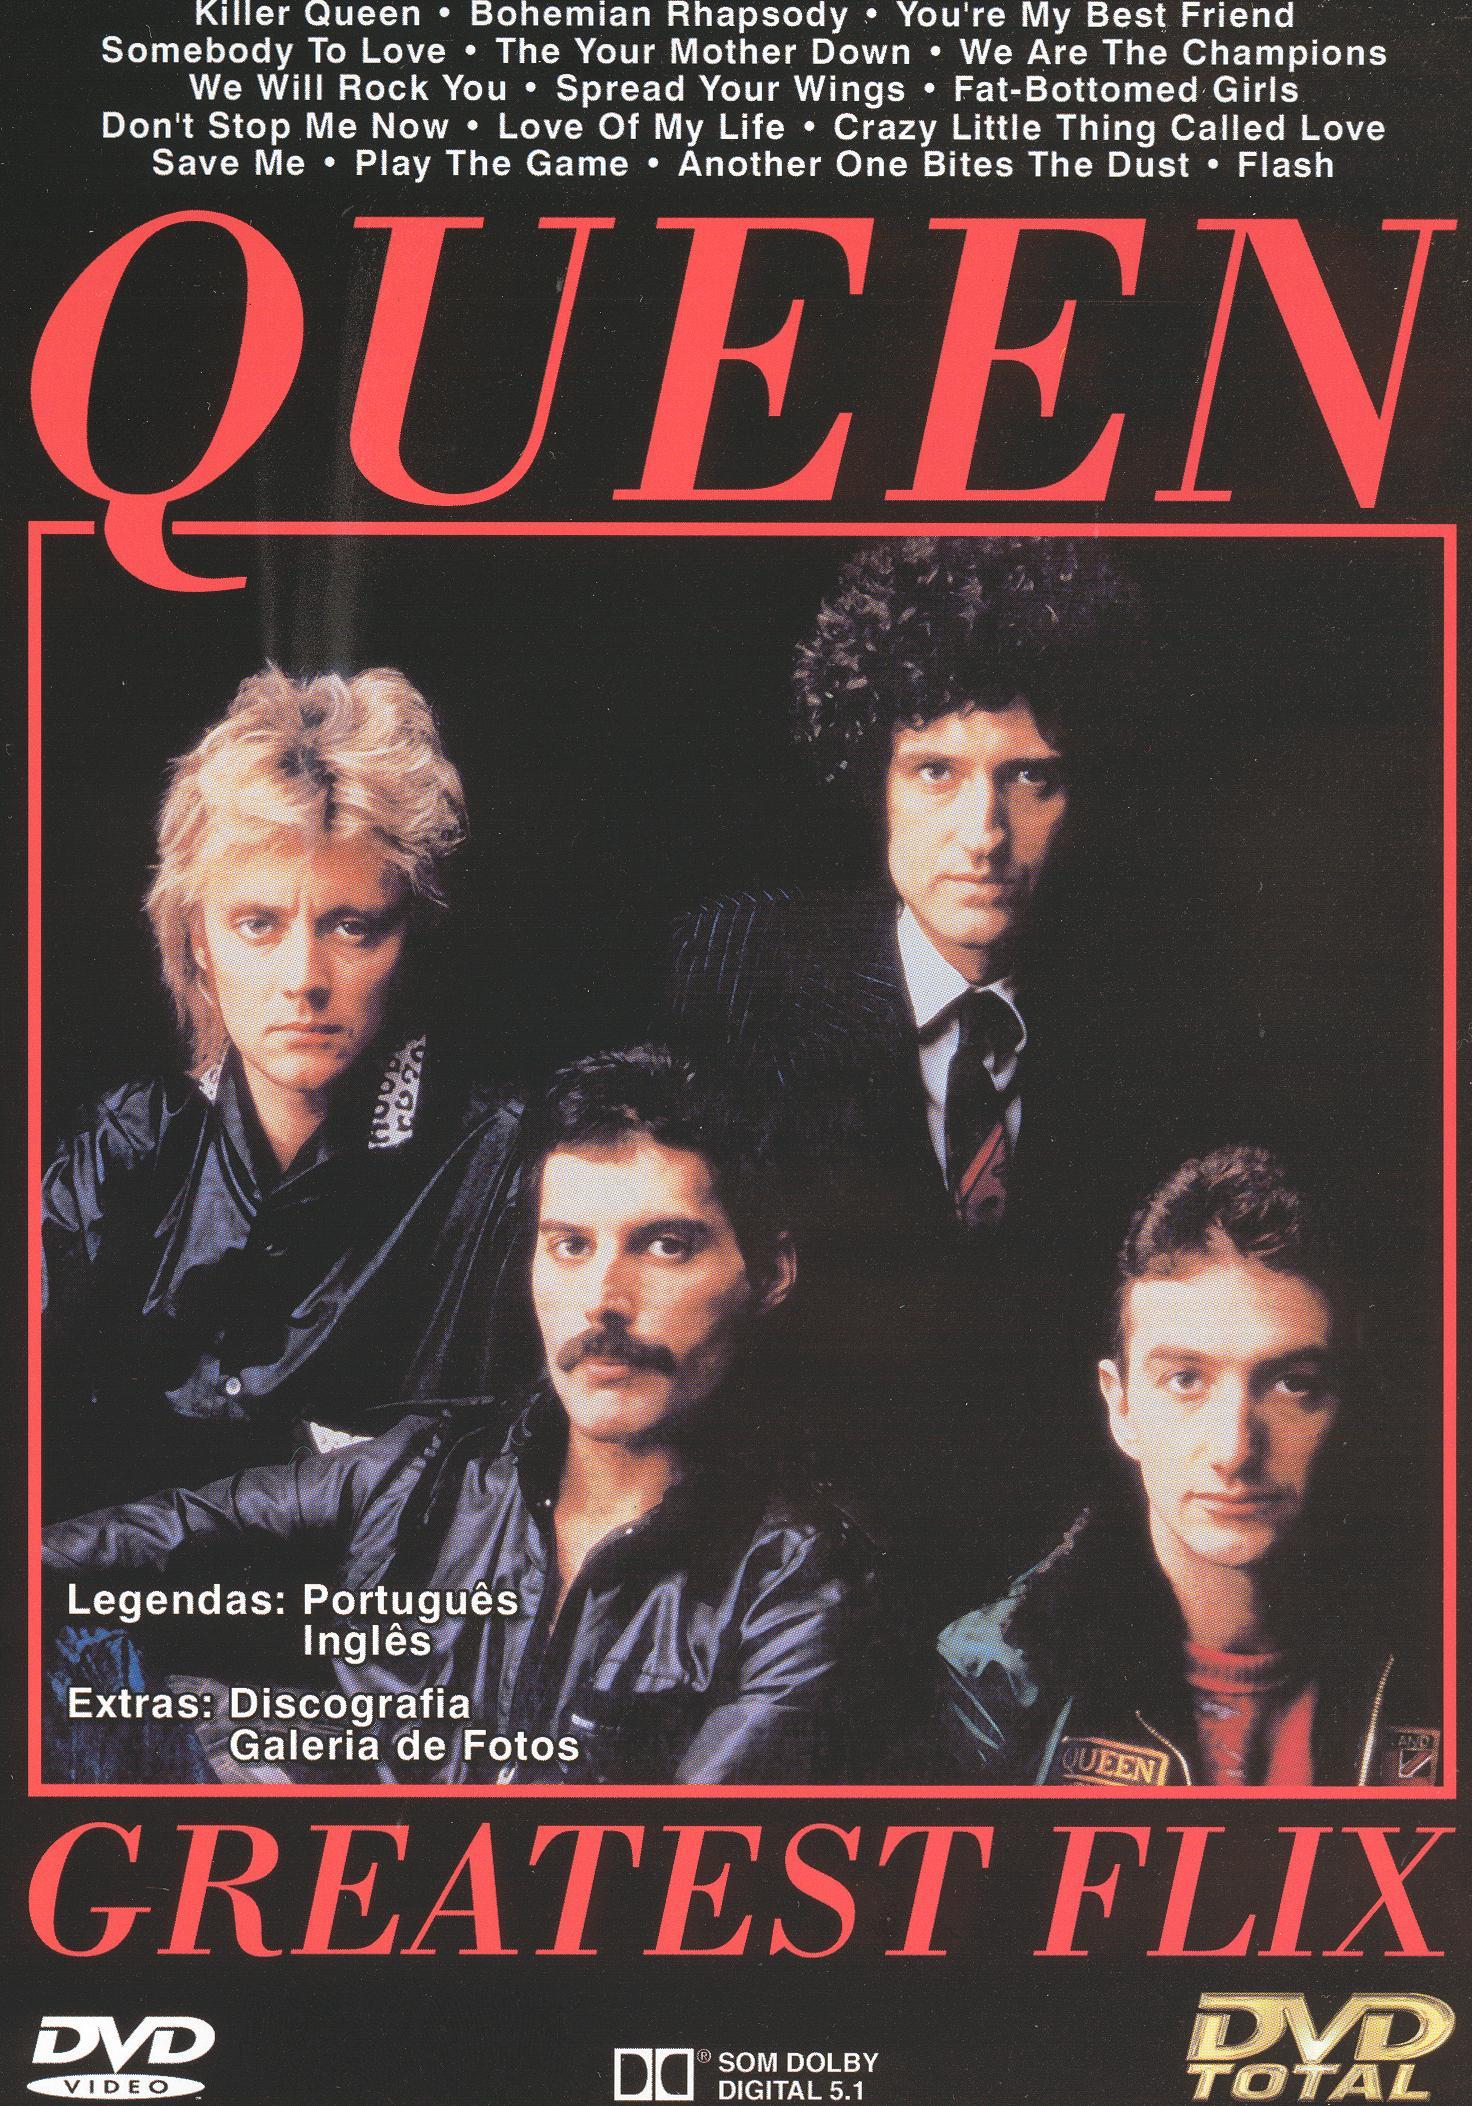 Queen: Greatest Flix